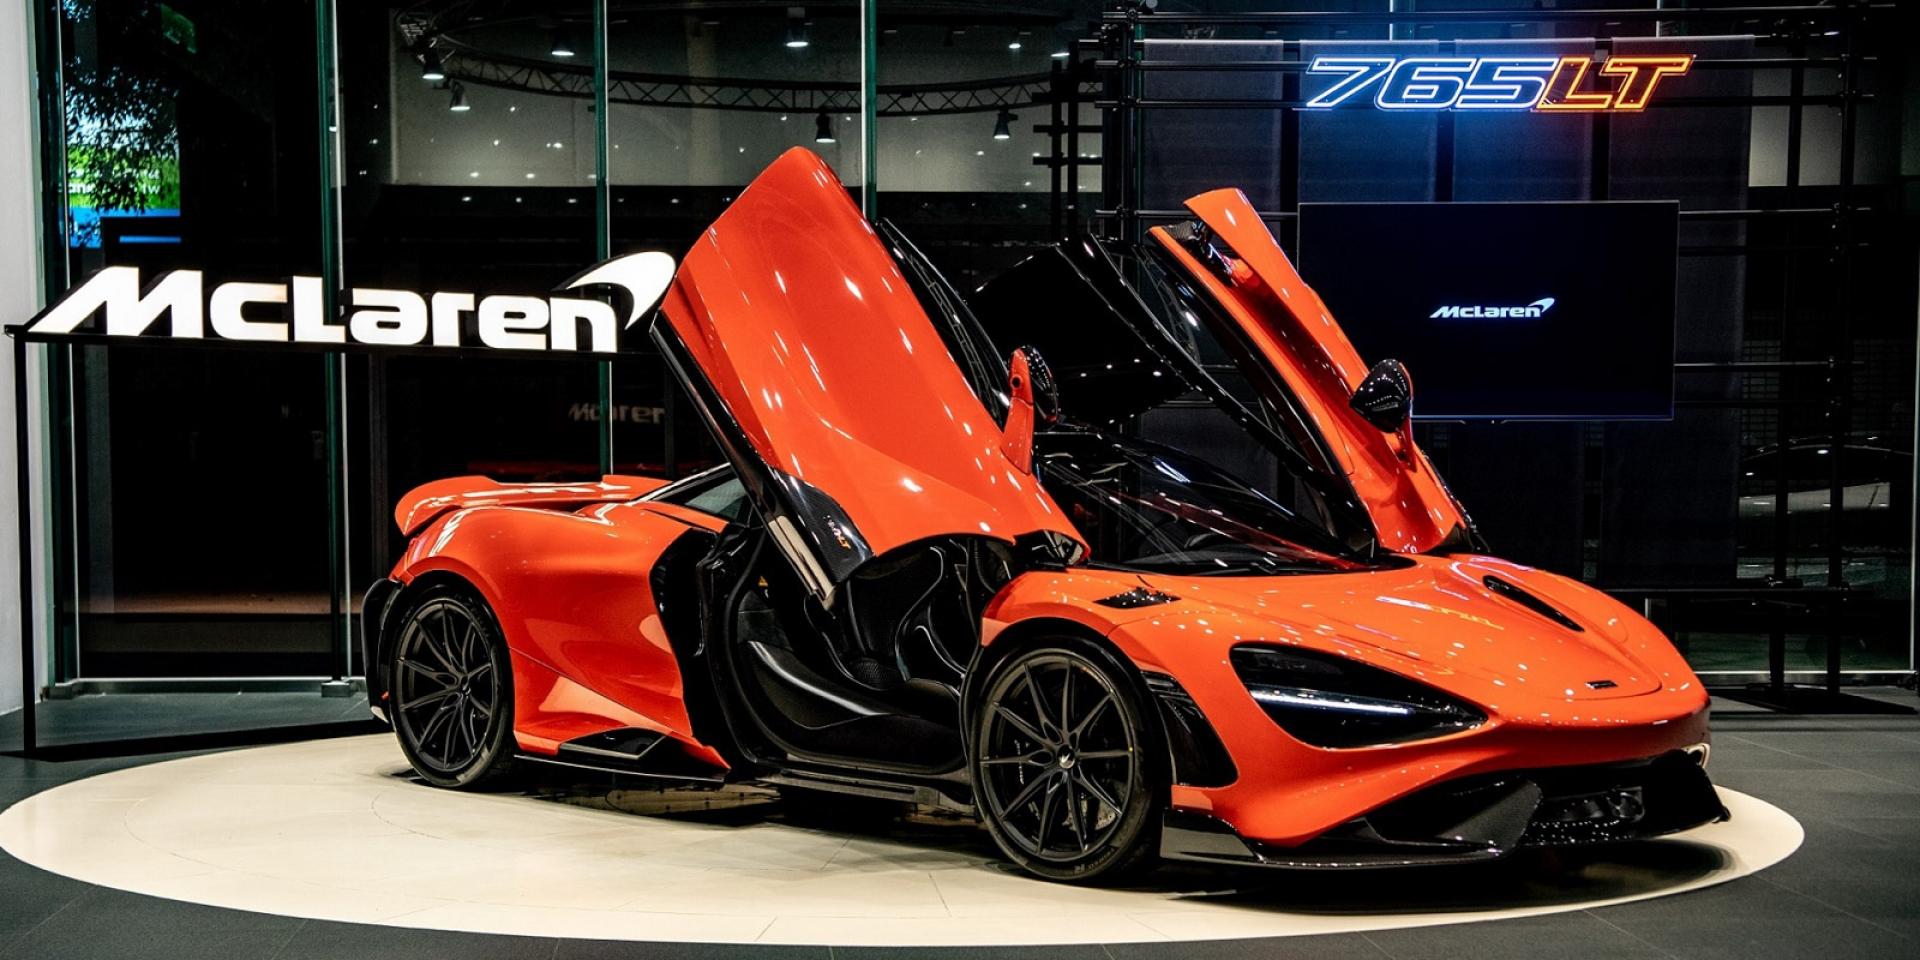 官方新聞稿。極致輕量乘載狂放動力 McLaren 765LT 限量抵台